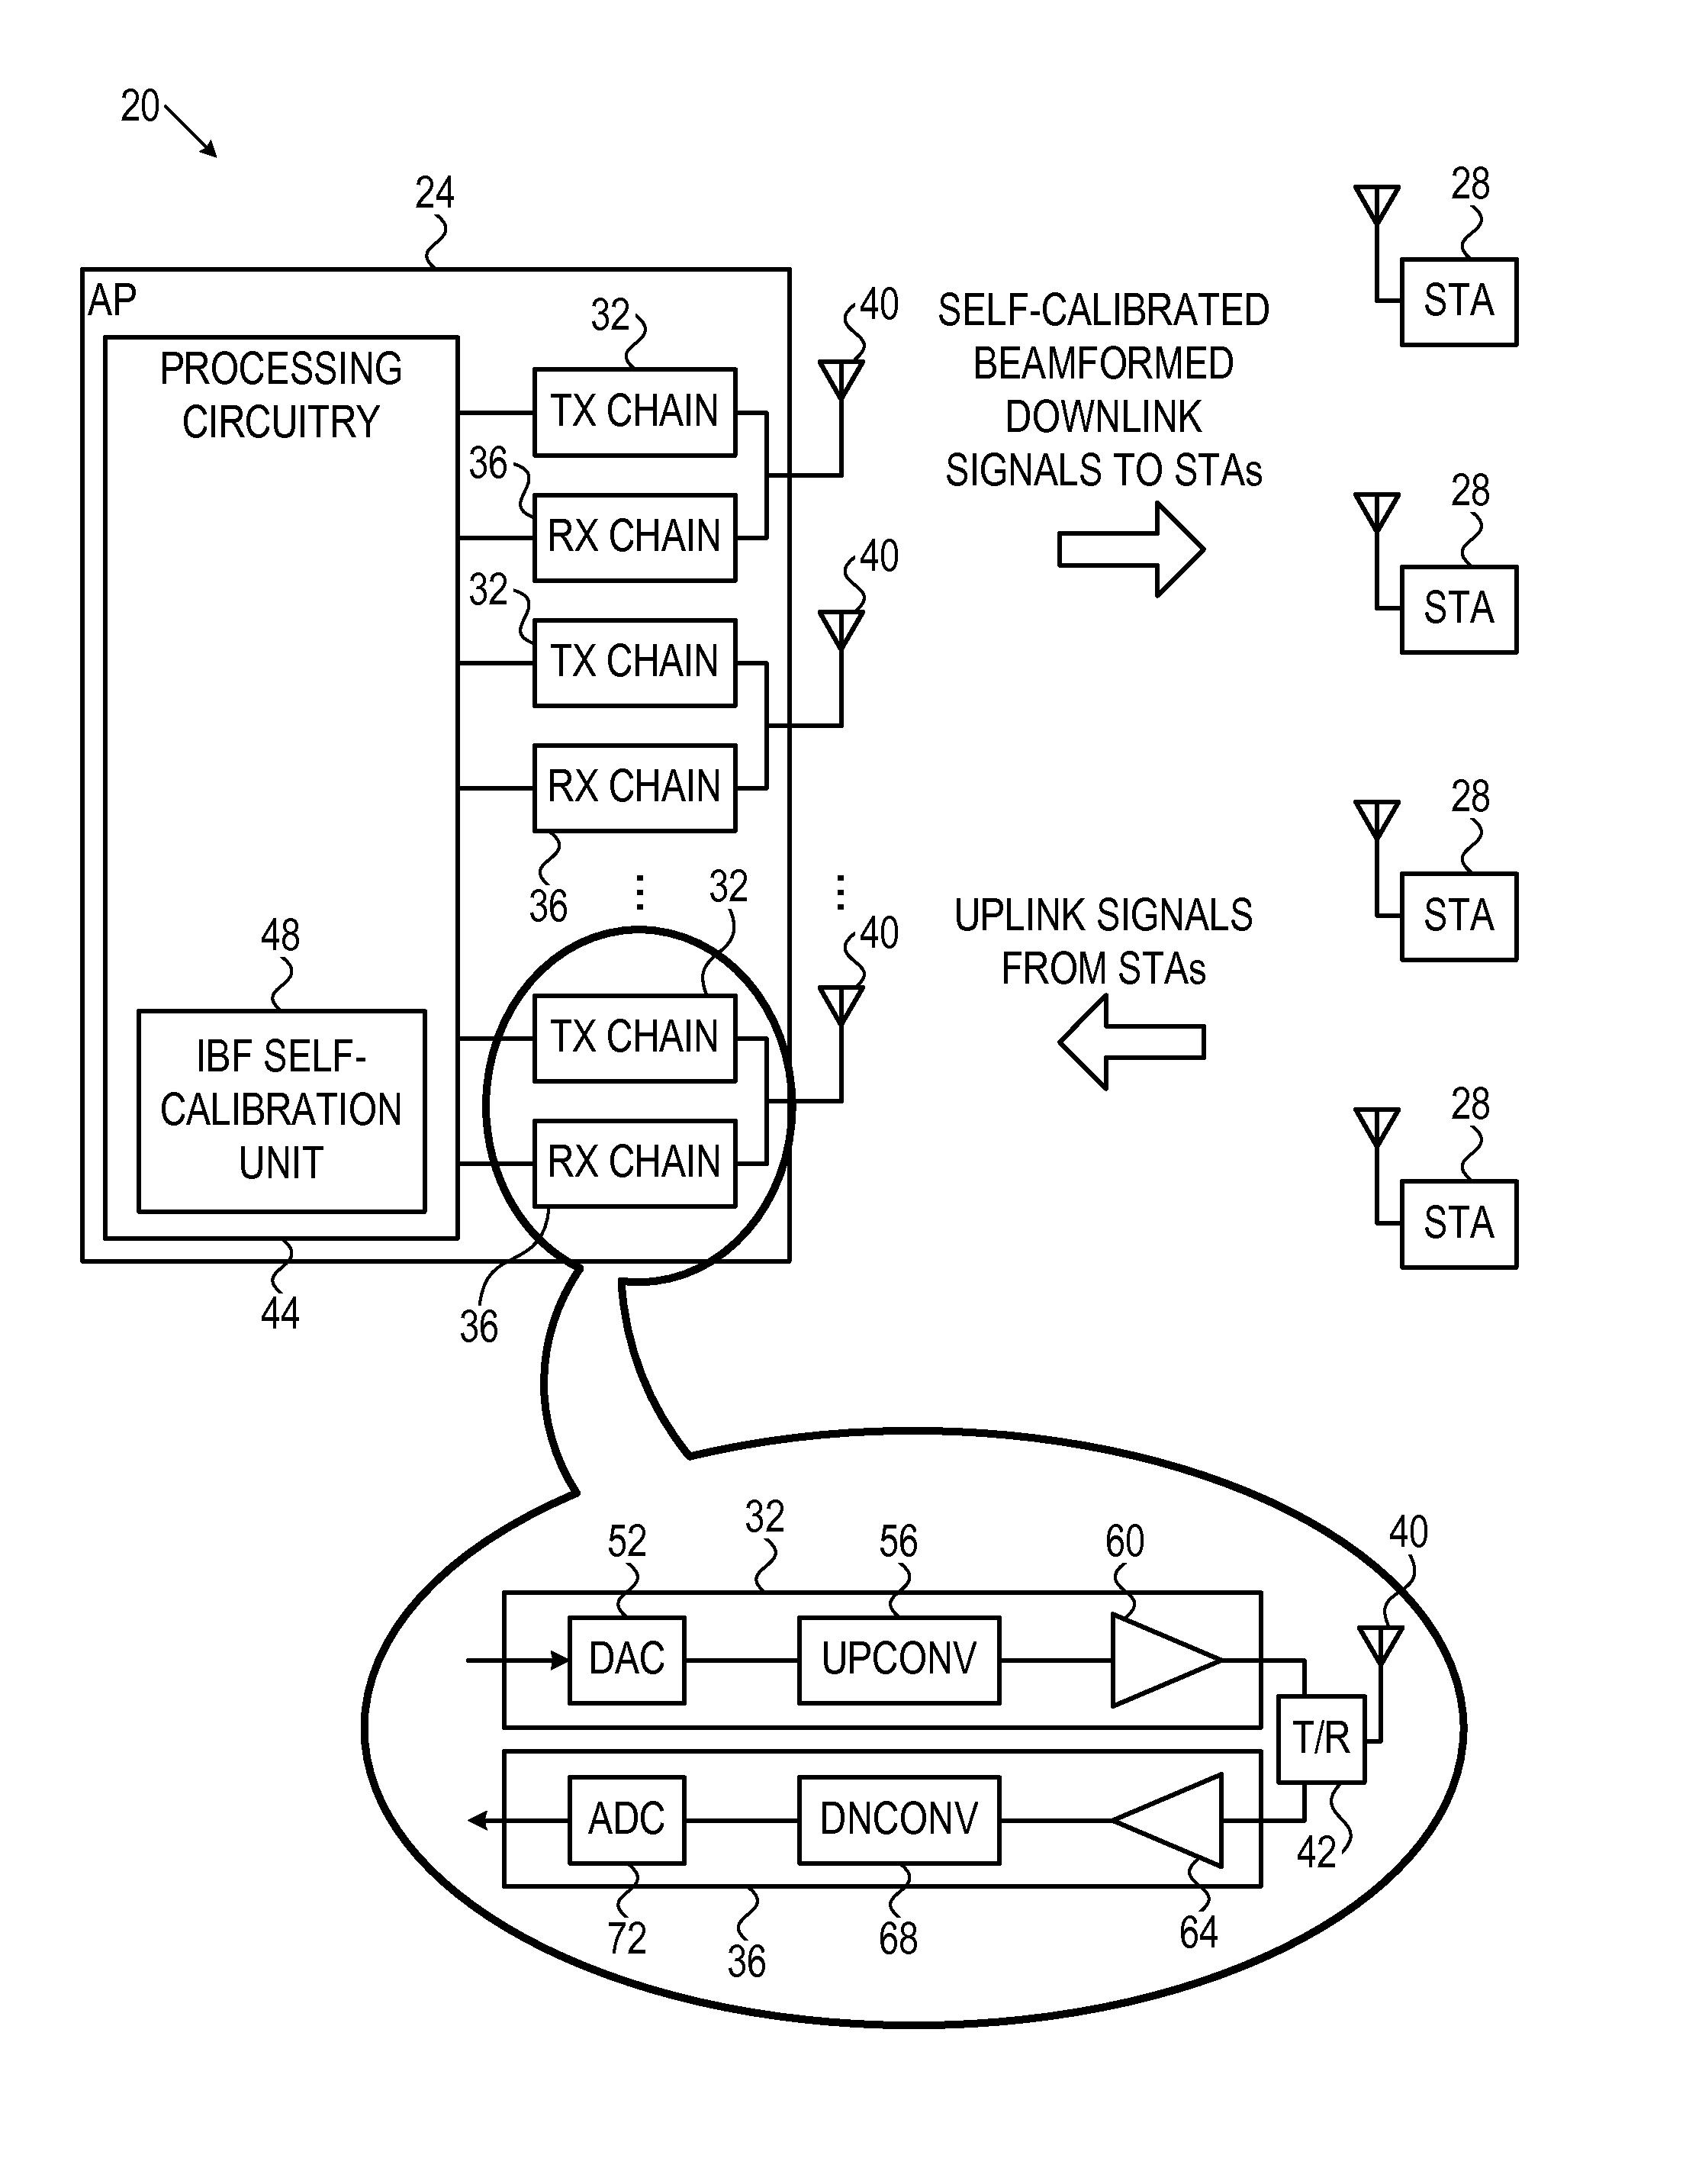 براءة الاختراع US20140269554 - Self-calibration techniques